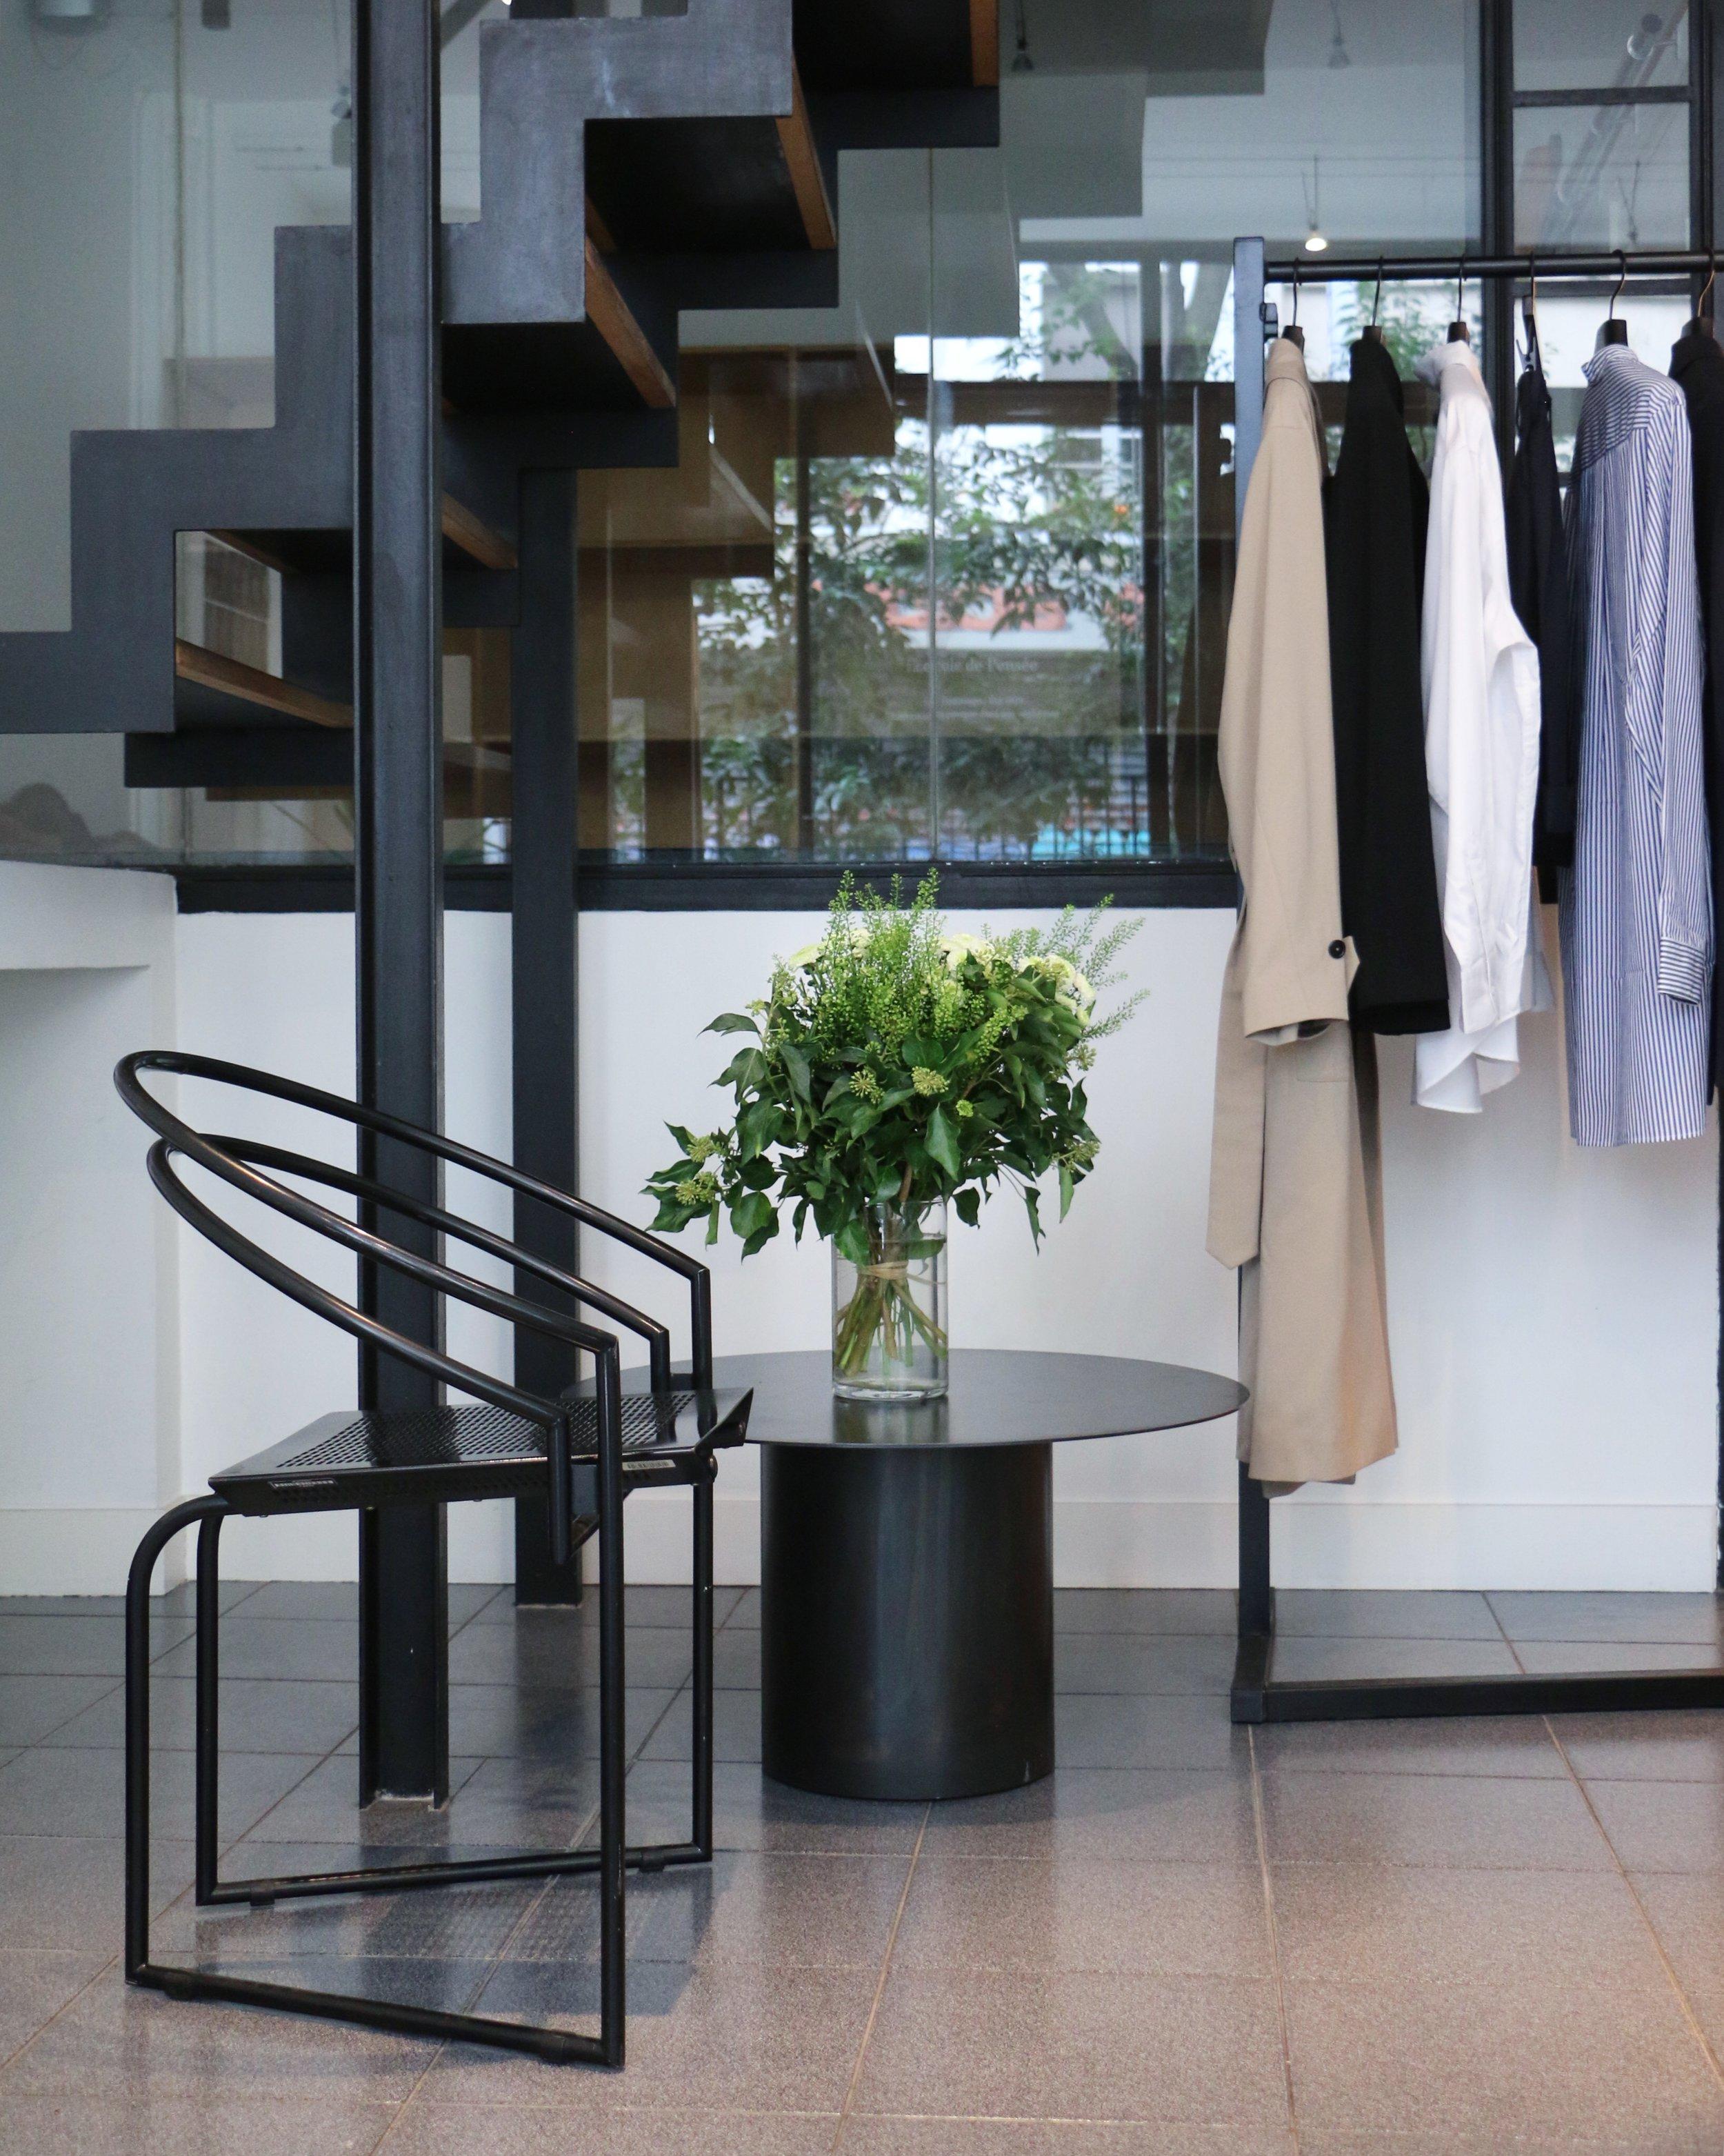 Showroom Paris. Chaise Latonda 614 par l'architecte suisse Mario Botta et table basse Oxydation par la créatrice ukrainienne Kateryna Sokolova.